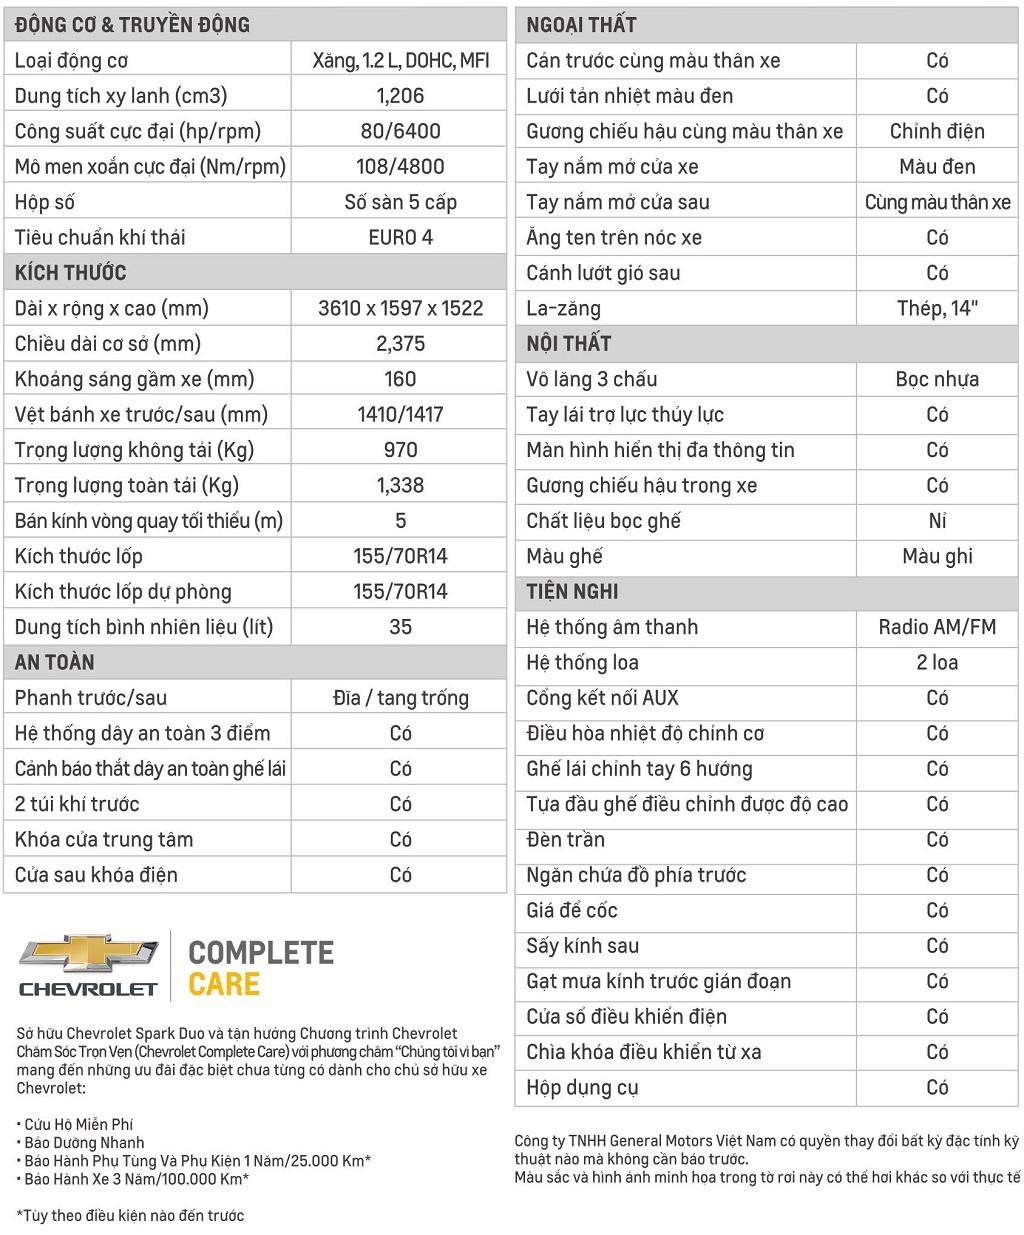 Bảng đánh giá thông số kỹ thuật của Chevrolet Spark Duo